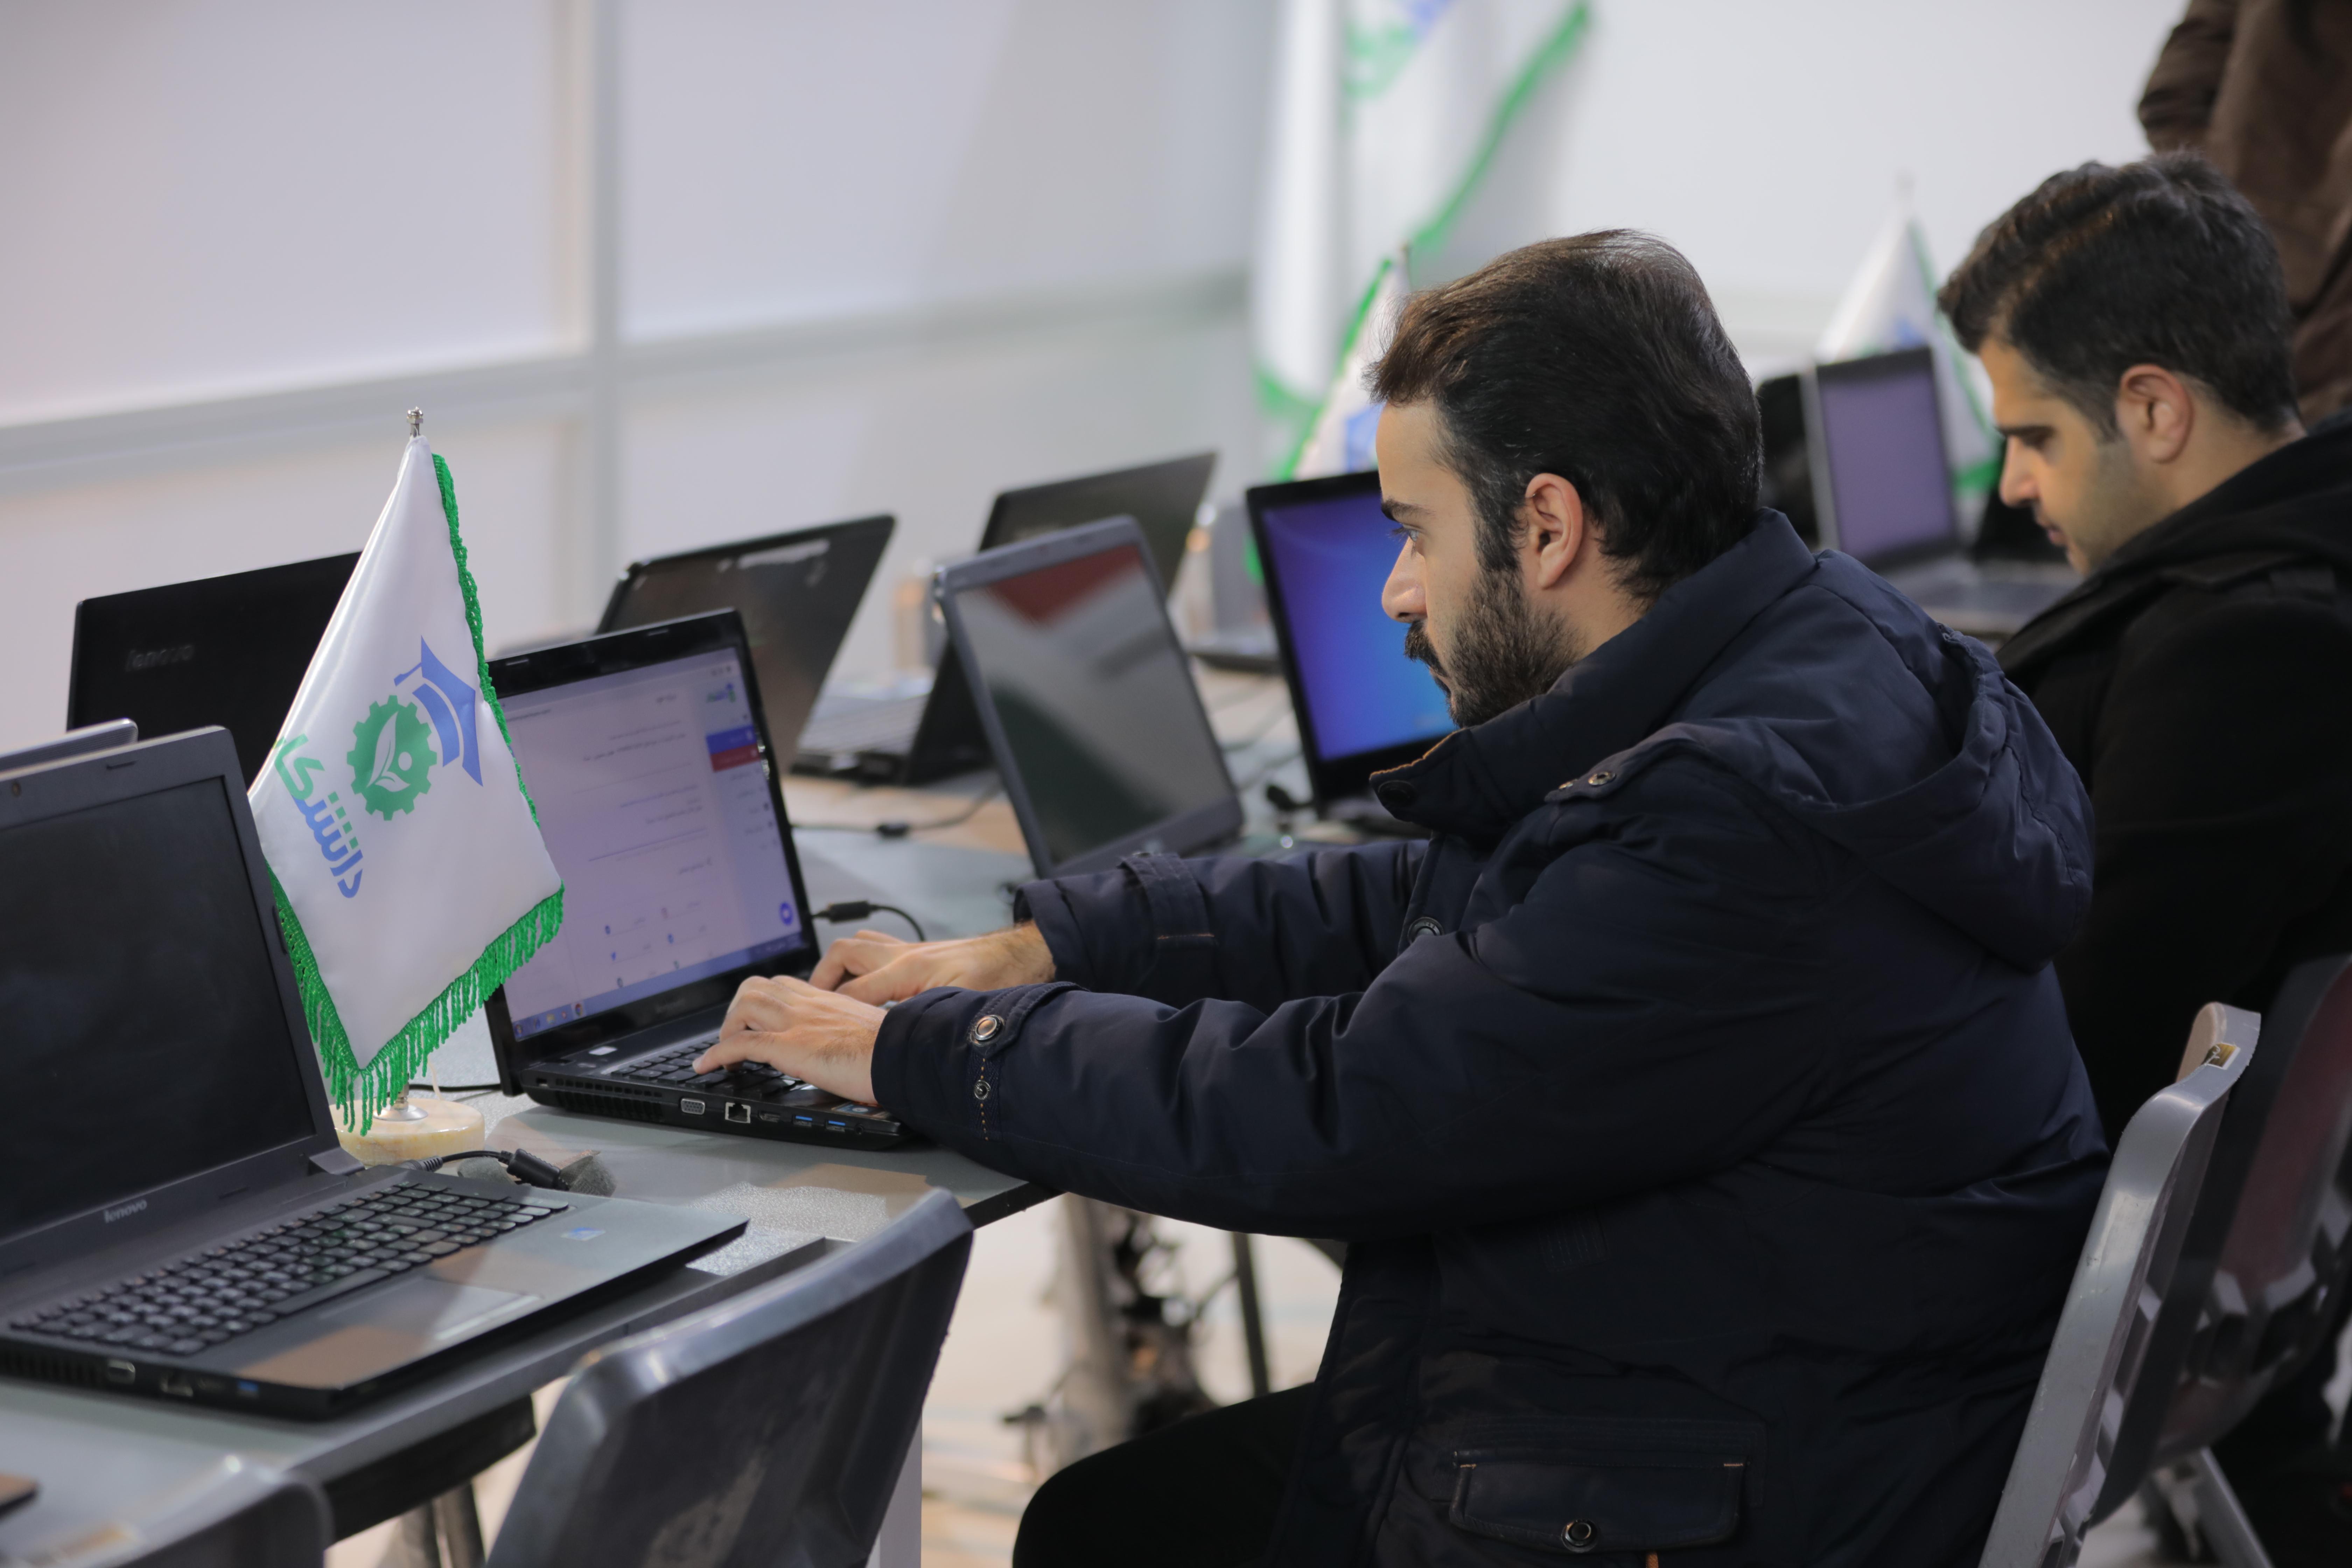 دومین جشنواره کار ایران